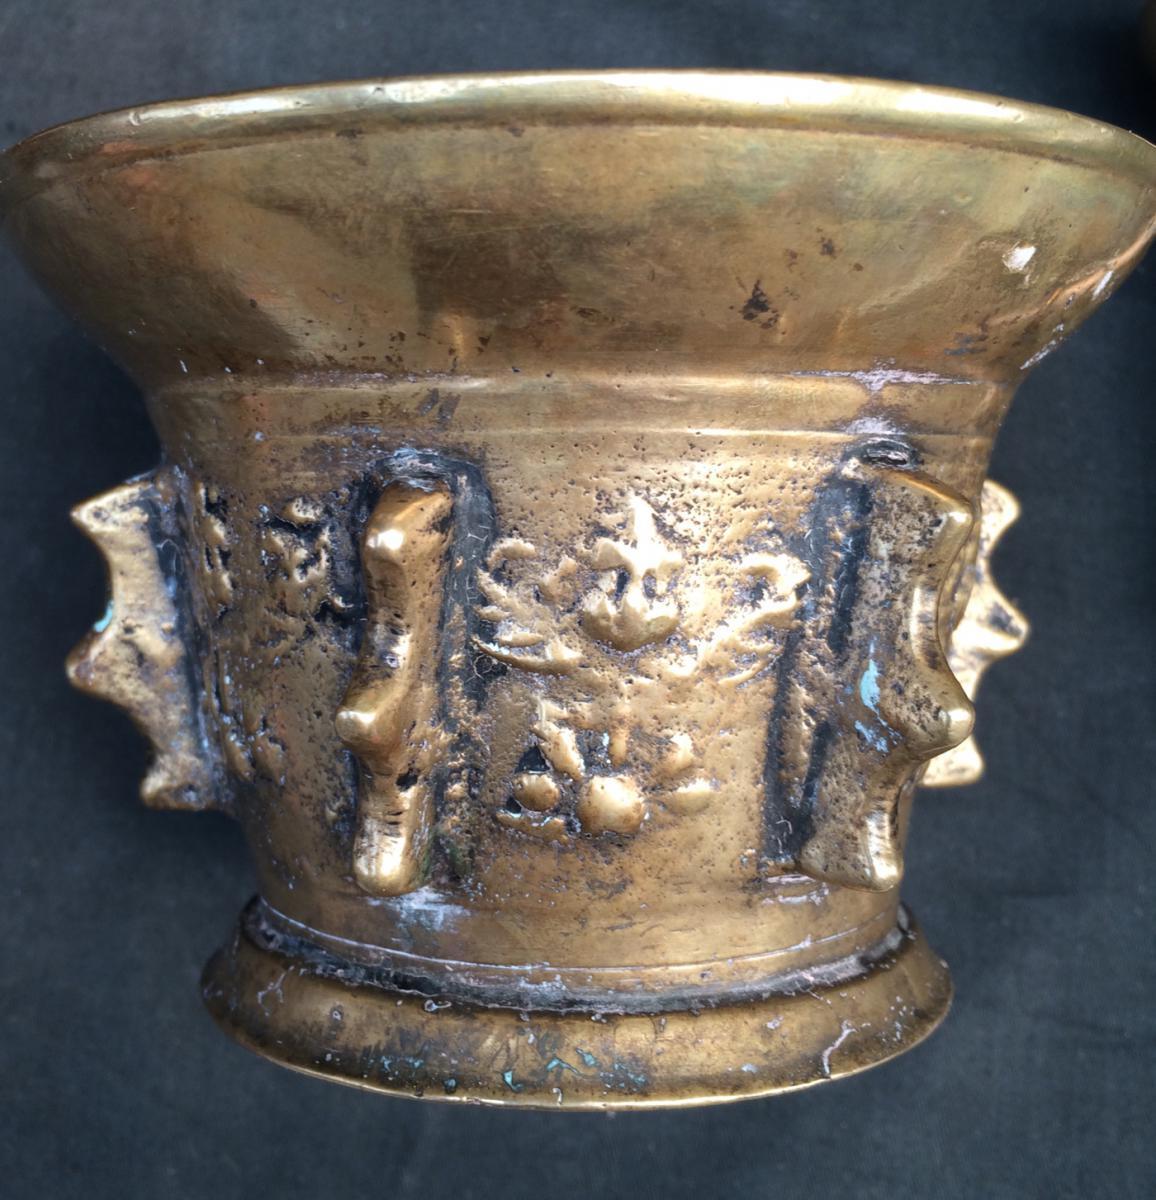 Mortier d'Apothicaire Et Son Pilon-angelots Appliqués-bronze-17e-haute Époque--photo-4